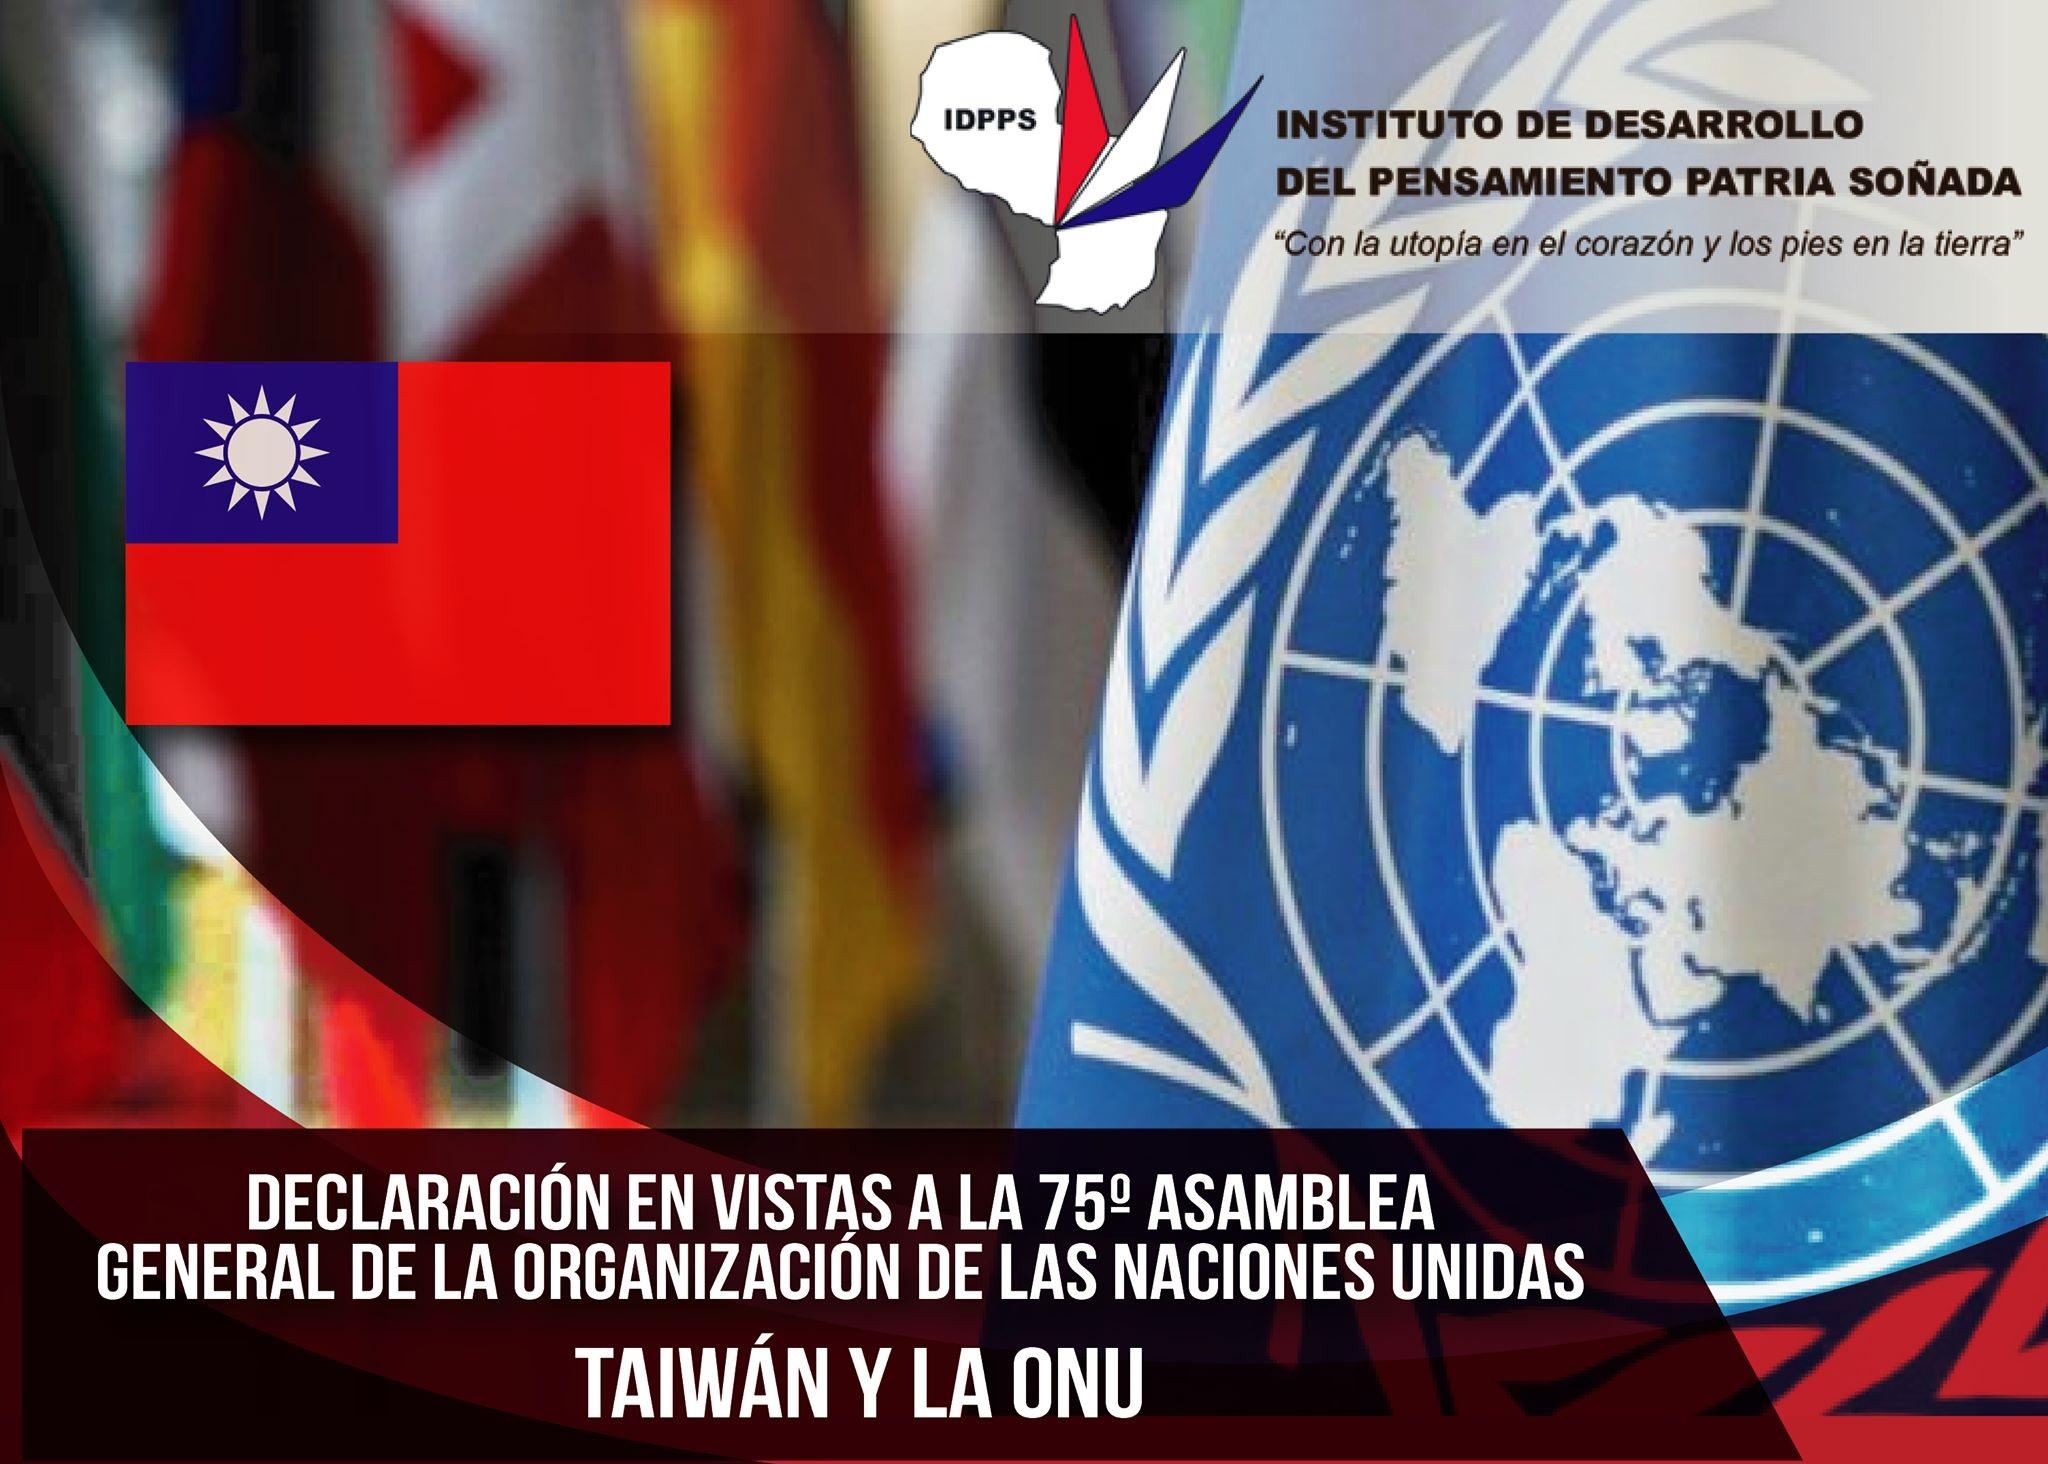 Declaración en Vistas a la 75º Asamblea General de la Organización de las Naciones Unidas - Taiwán y la ONU